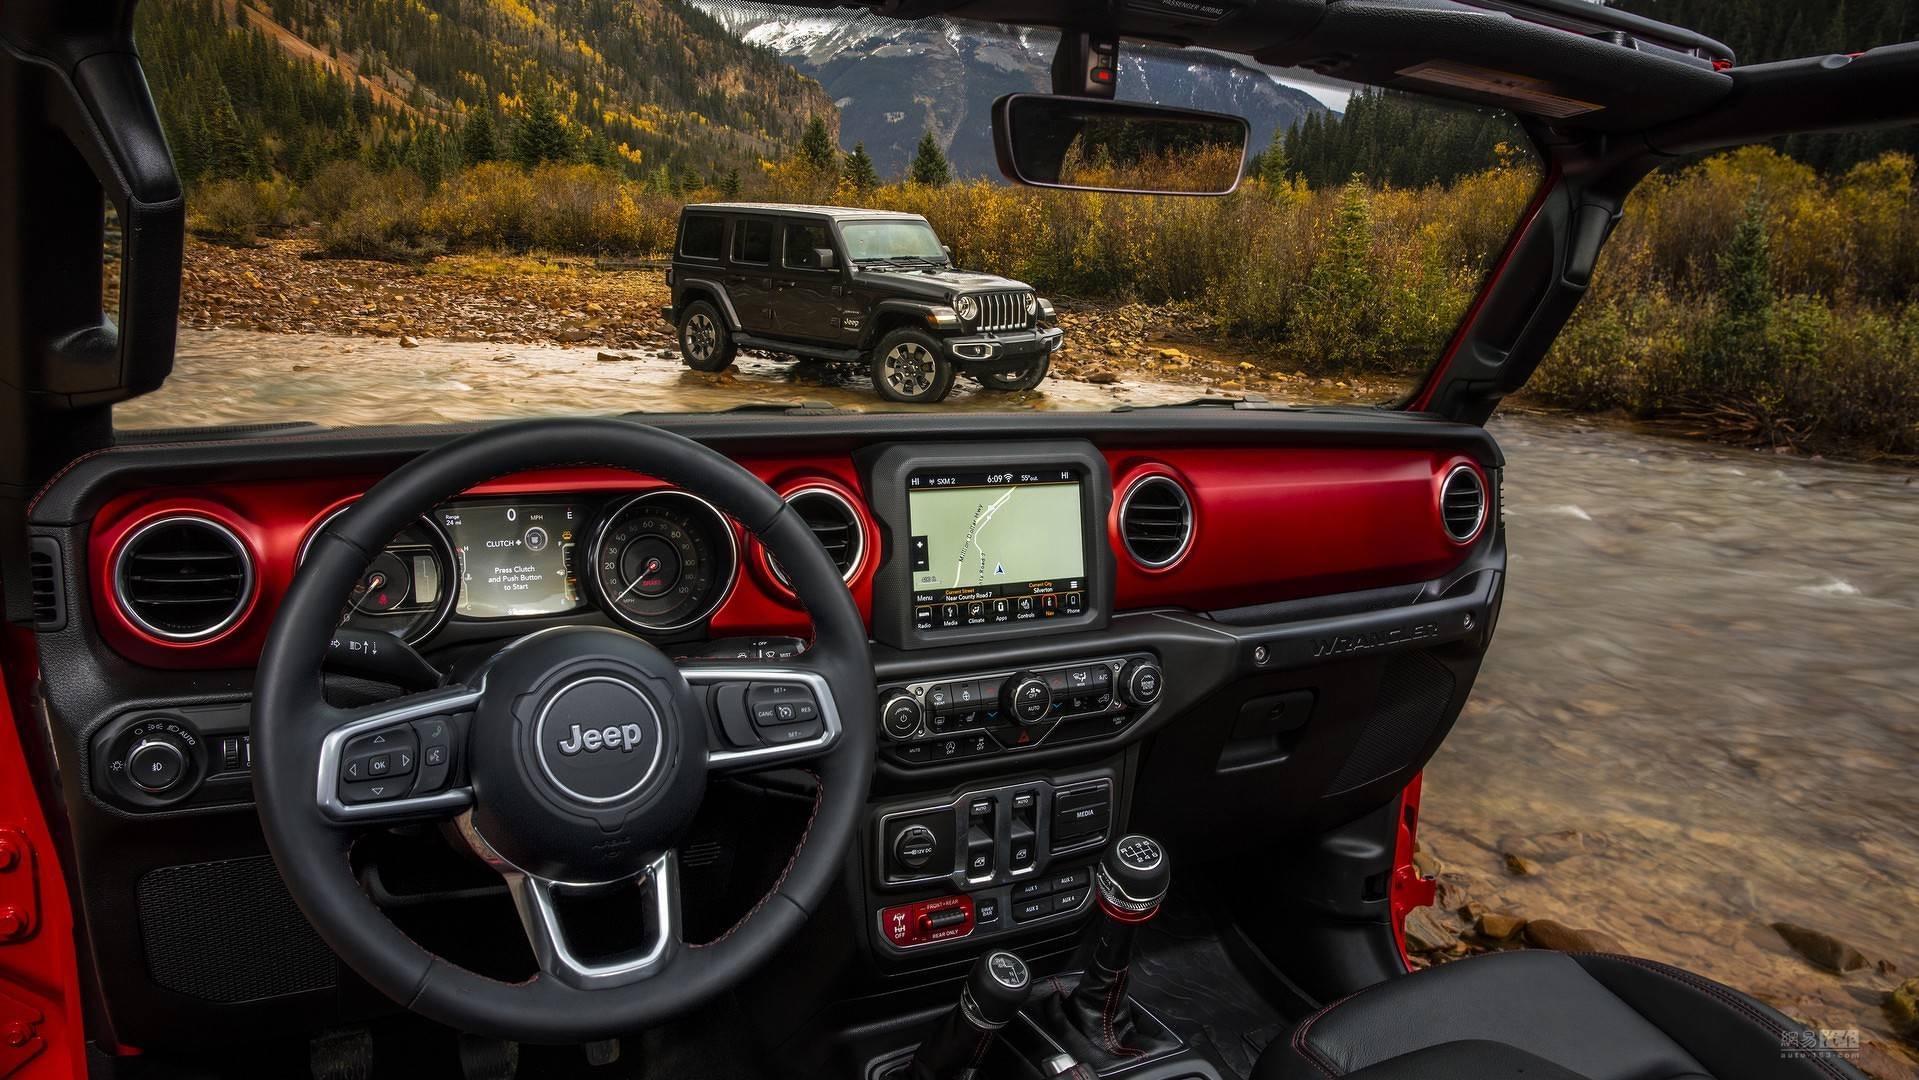 更显眼更精致 全新Jeep牧马人内饰官图发布